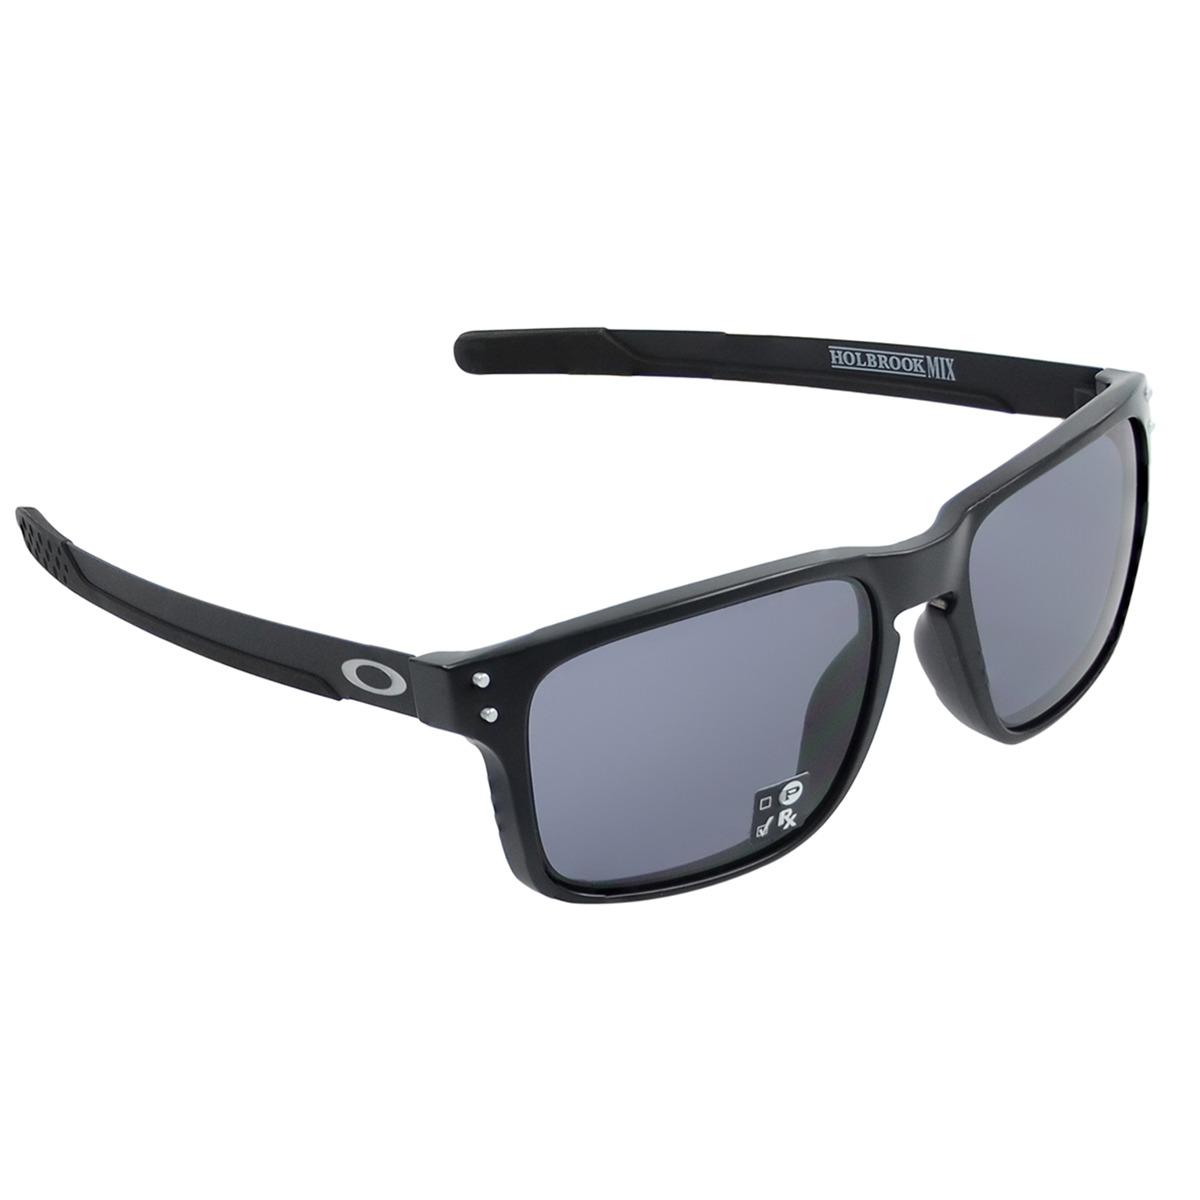 48d0c2257d2e4 Óculos Oakley Holbrook Mix Matte Black  Lente Grey - R  569